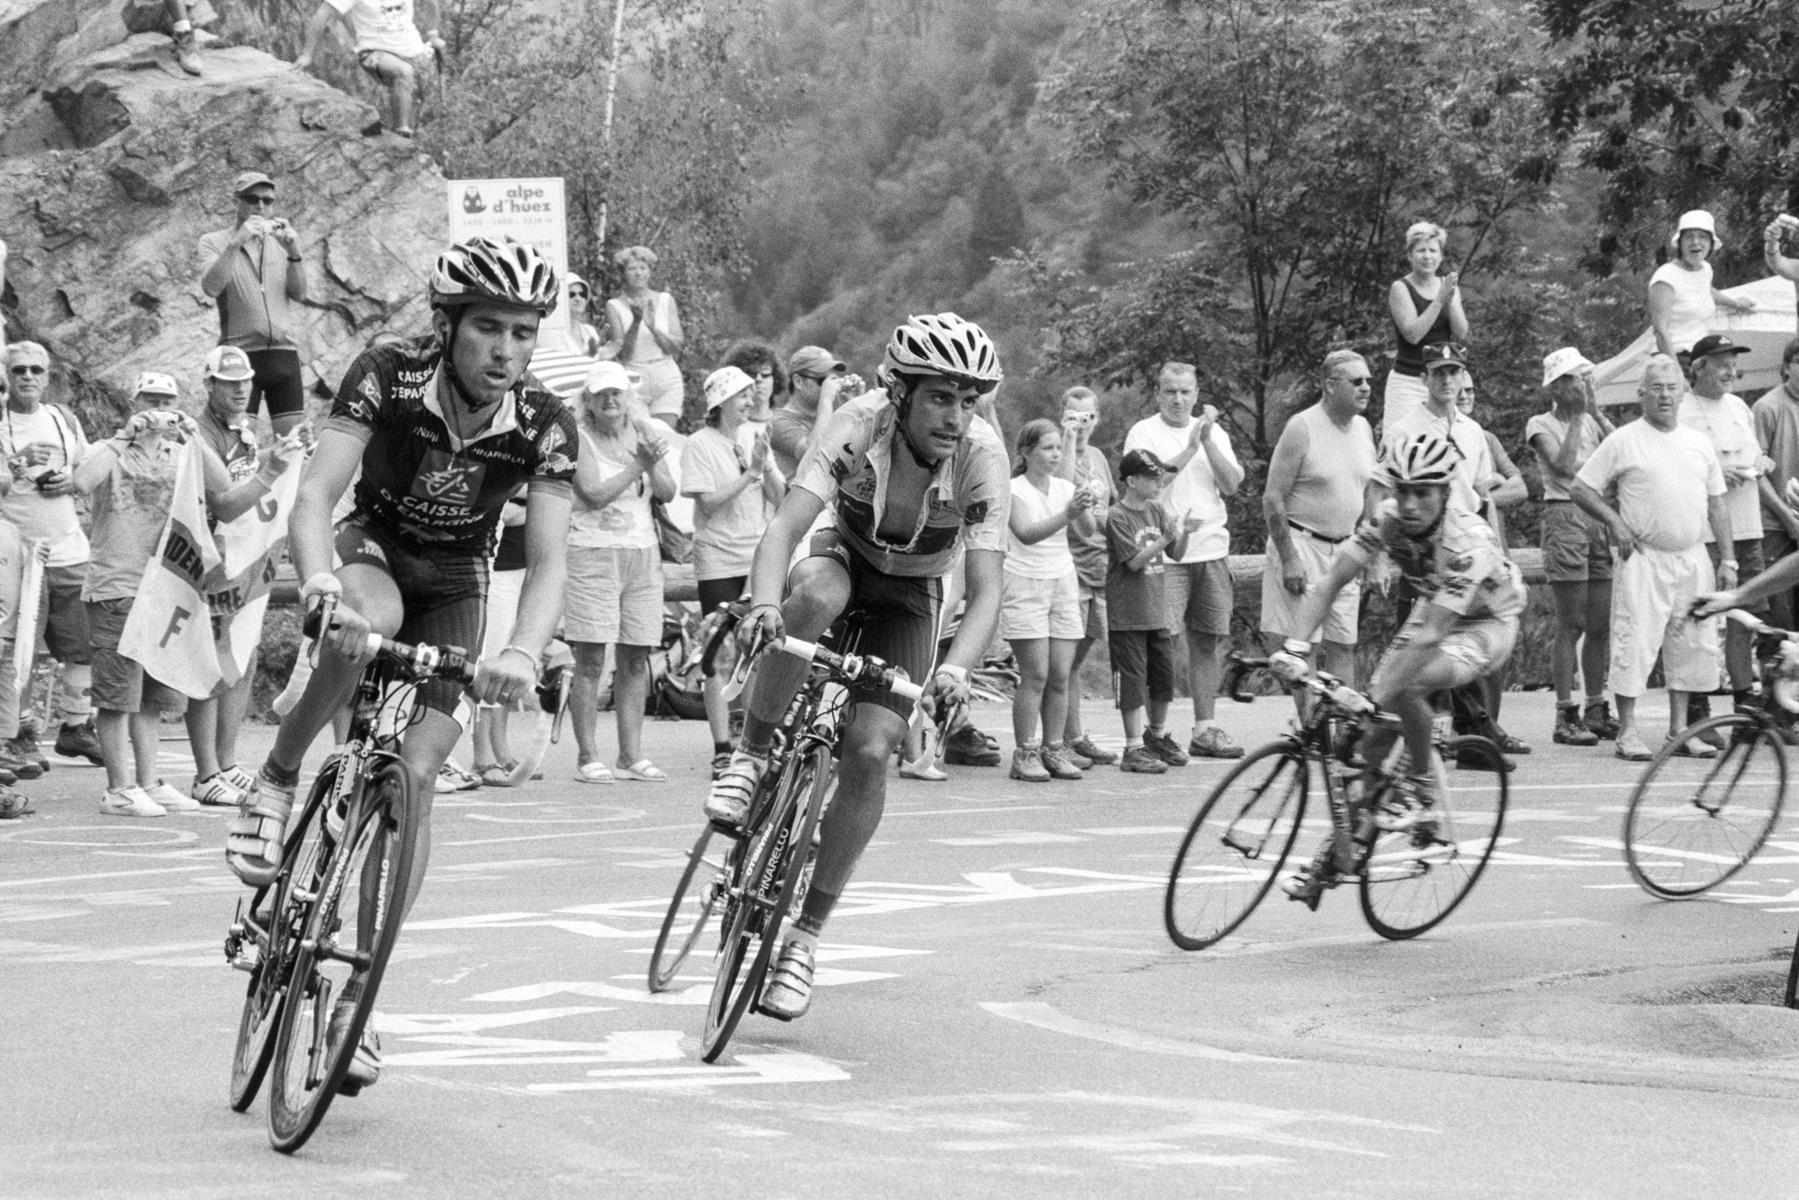 """Tour de France 2006 Oscar Pereiro, still in yellow, losing momentum and falling behind. Oscar Pereiro, sur le point de perdre son maillot jaune. Oscar Pereiro, hier noch im gelben Trikot, verliert in diesem Augenblick den Anschluss – er muss """"abreißen lassen"""". Oscar Pereiro, en el momento en que pierde el maillot amarillo."""